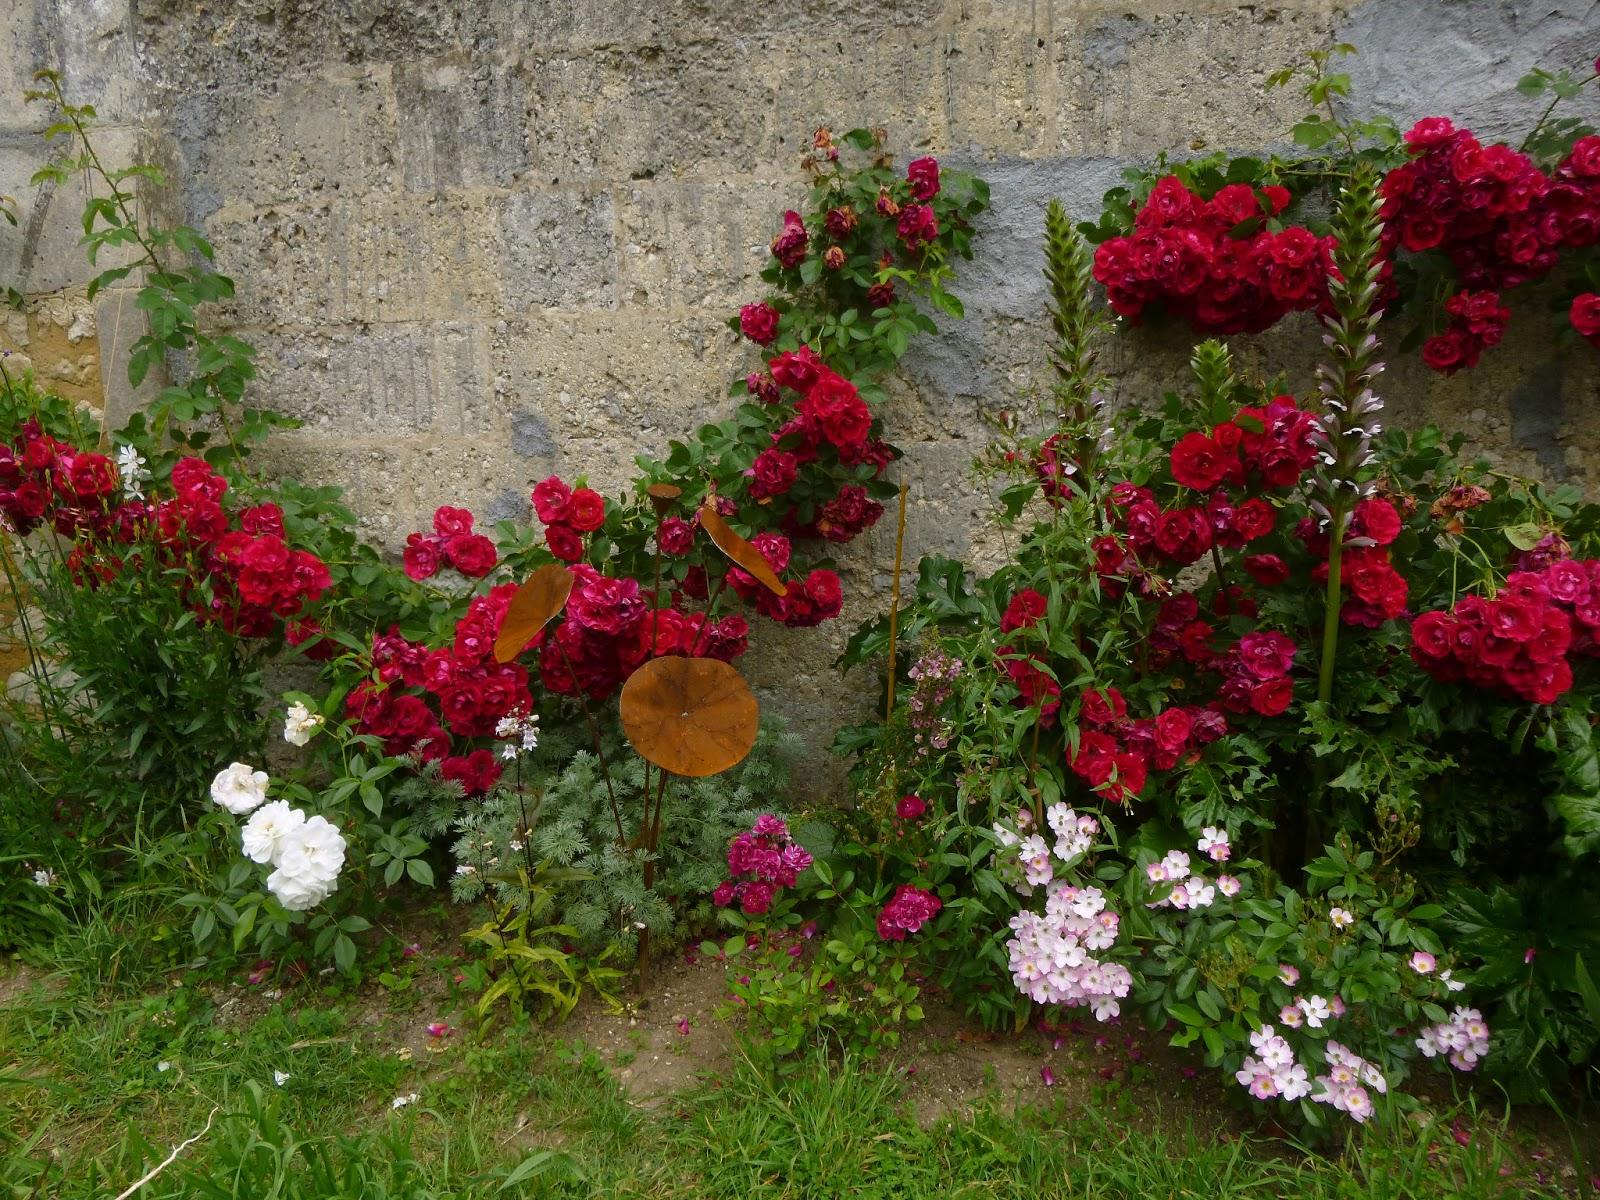 Cagouille 39 s garden le massif des rosiers grimpants rouge en d tail partie des rosiers 3 4 - Quand couper les rosiers ...